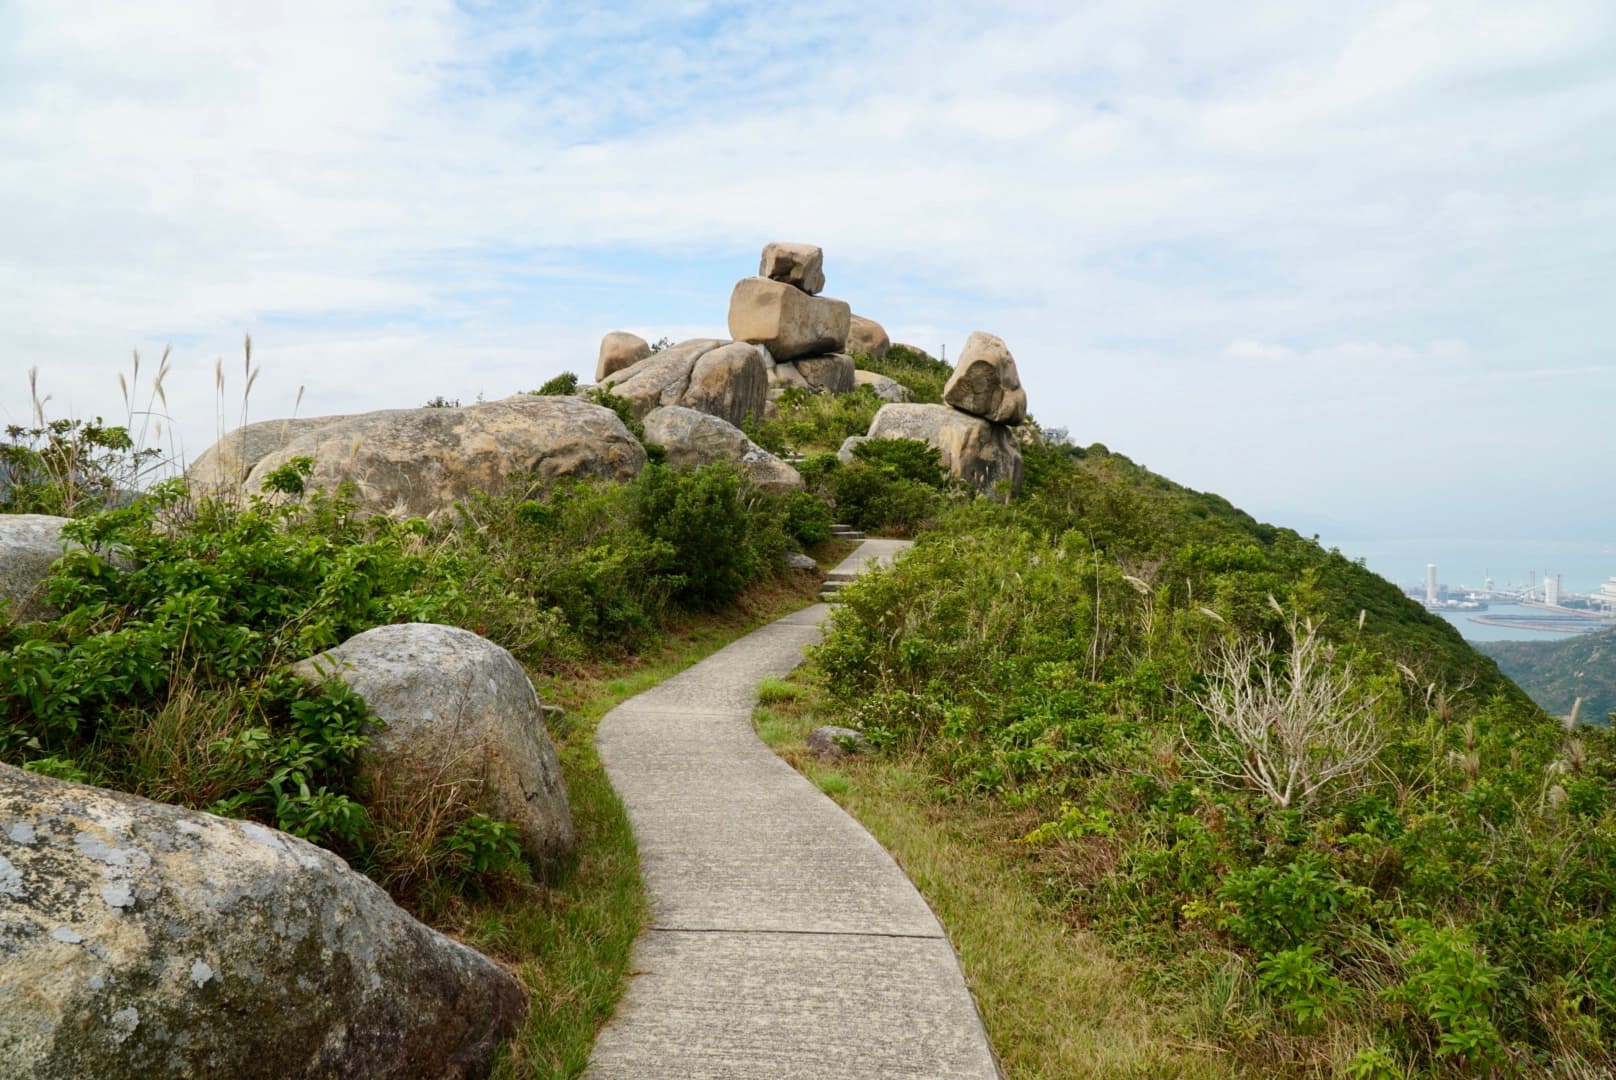 The peak of Ling Kok Shan